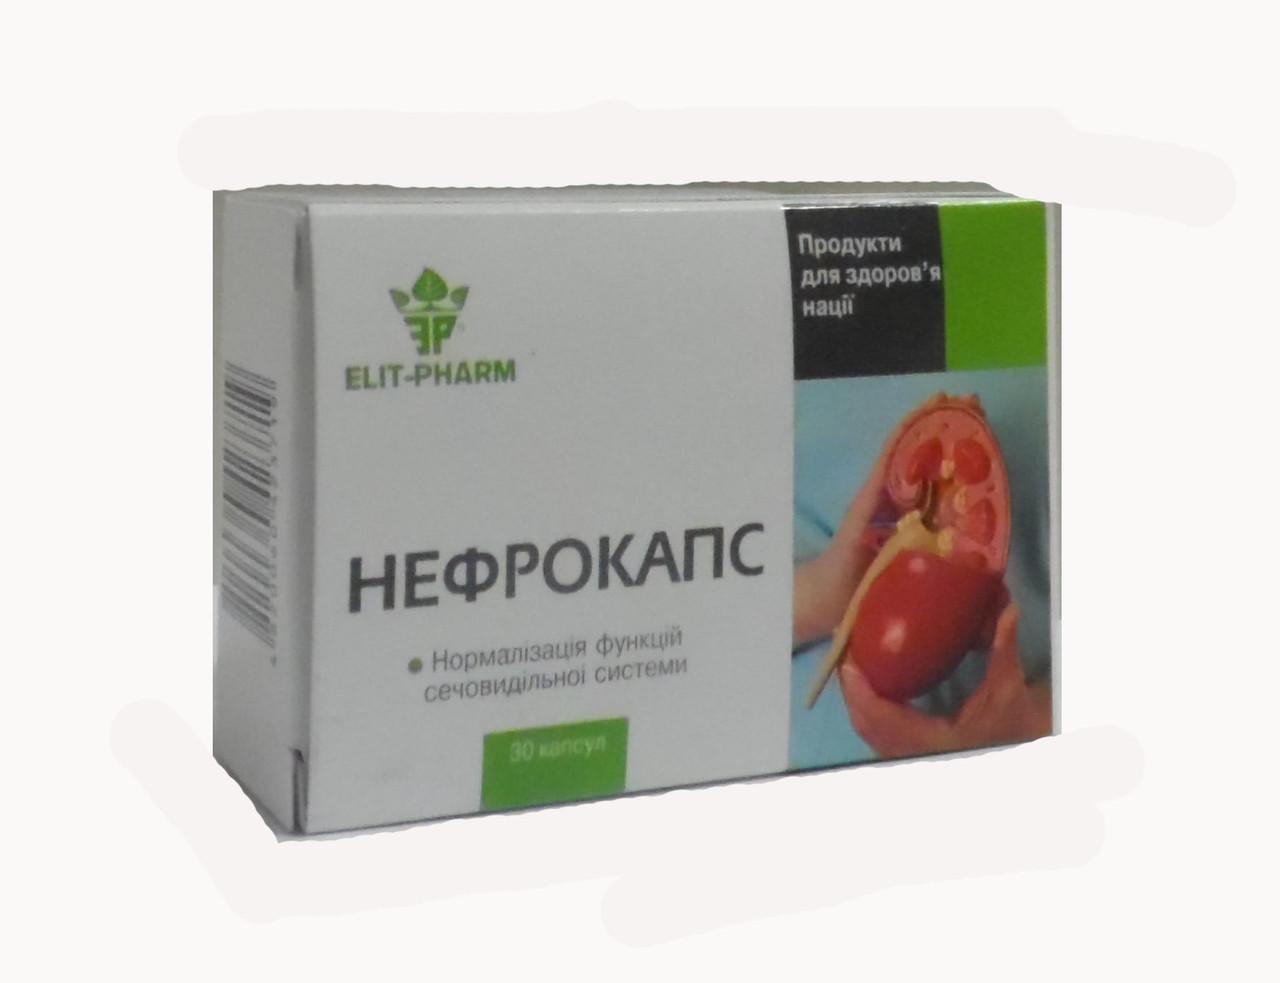 Нефрокапс для улучшения работы почек 30 капсул Элит Фарм